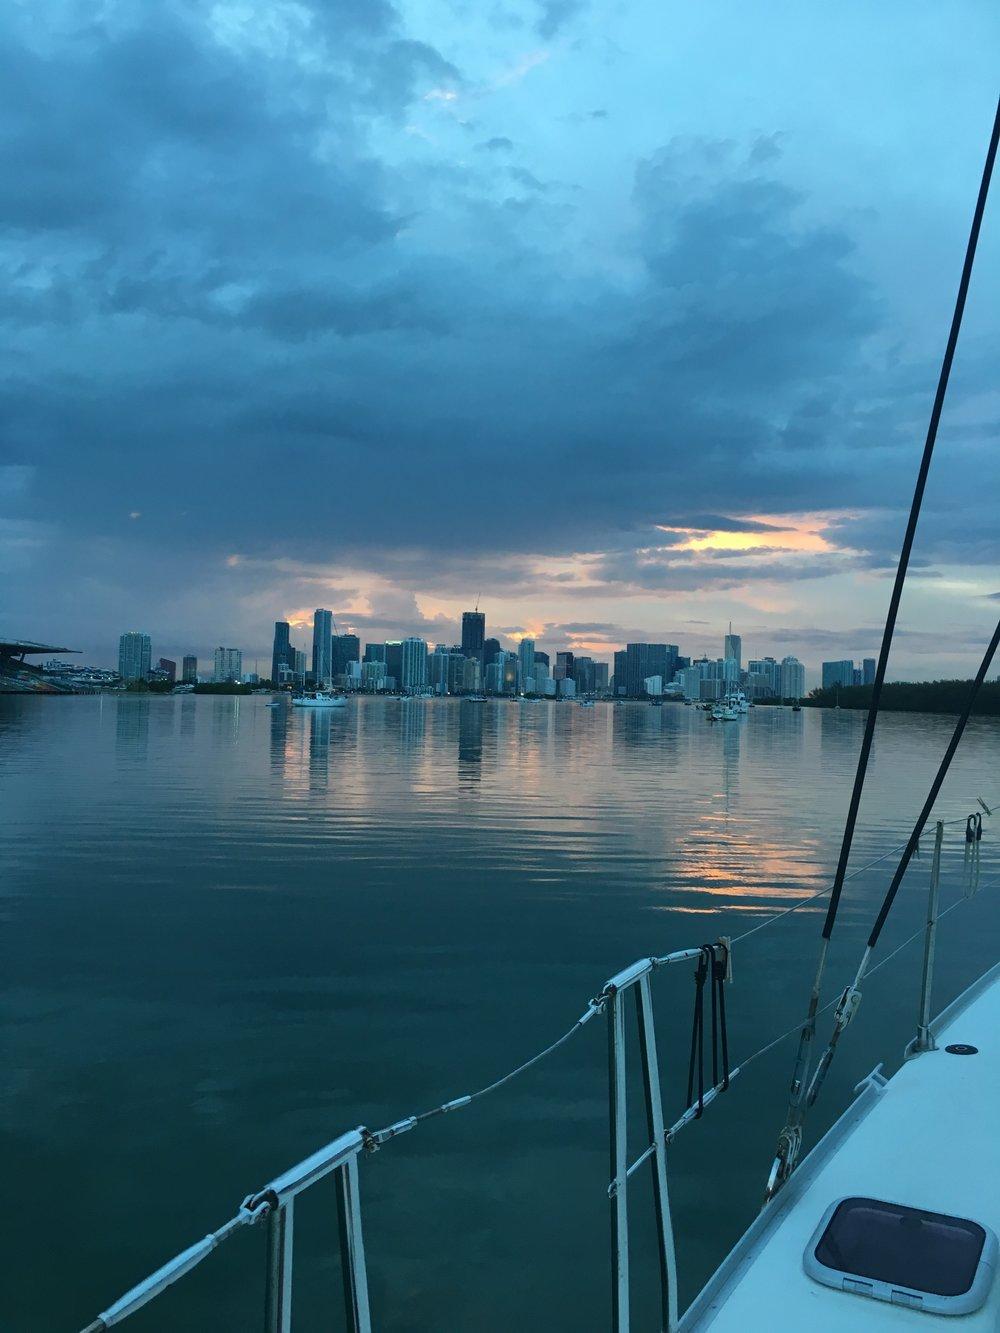 A calm Miami morning